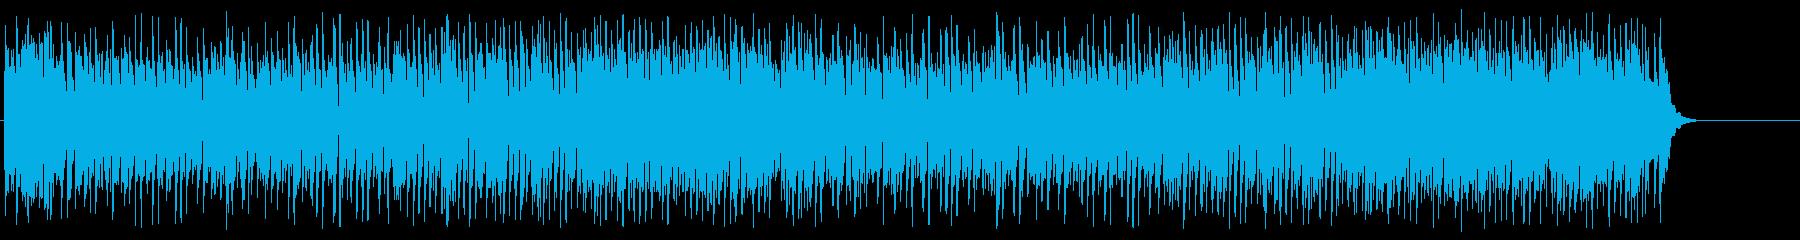 慌ただしい 科学 前進 不思議 忙しいの再生済みの波形